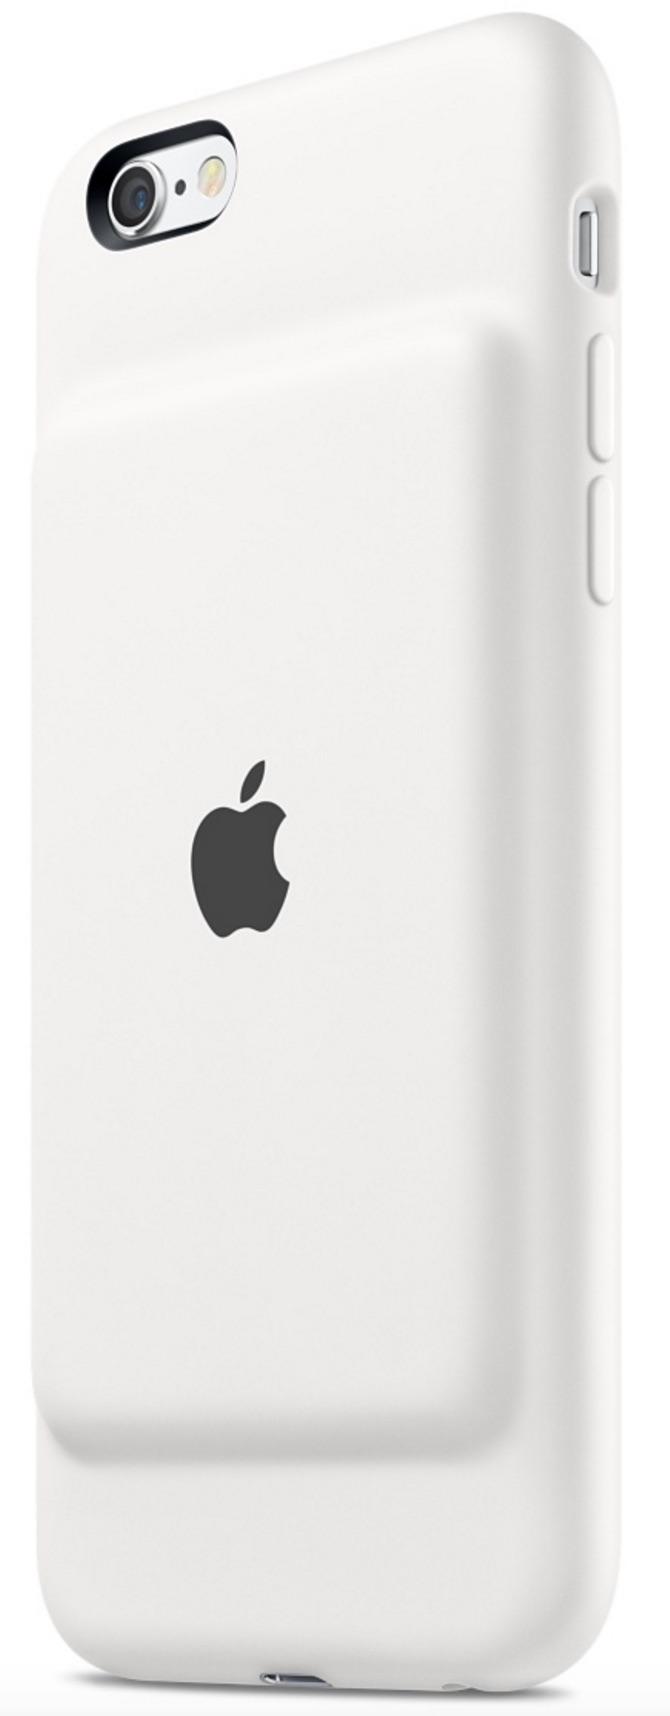 Funda con batería incorporada de Apple